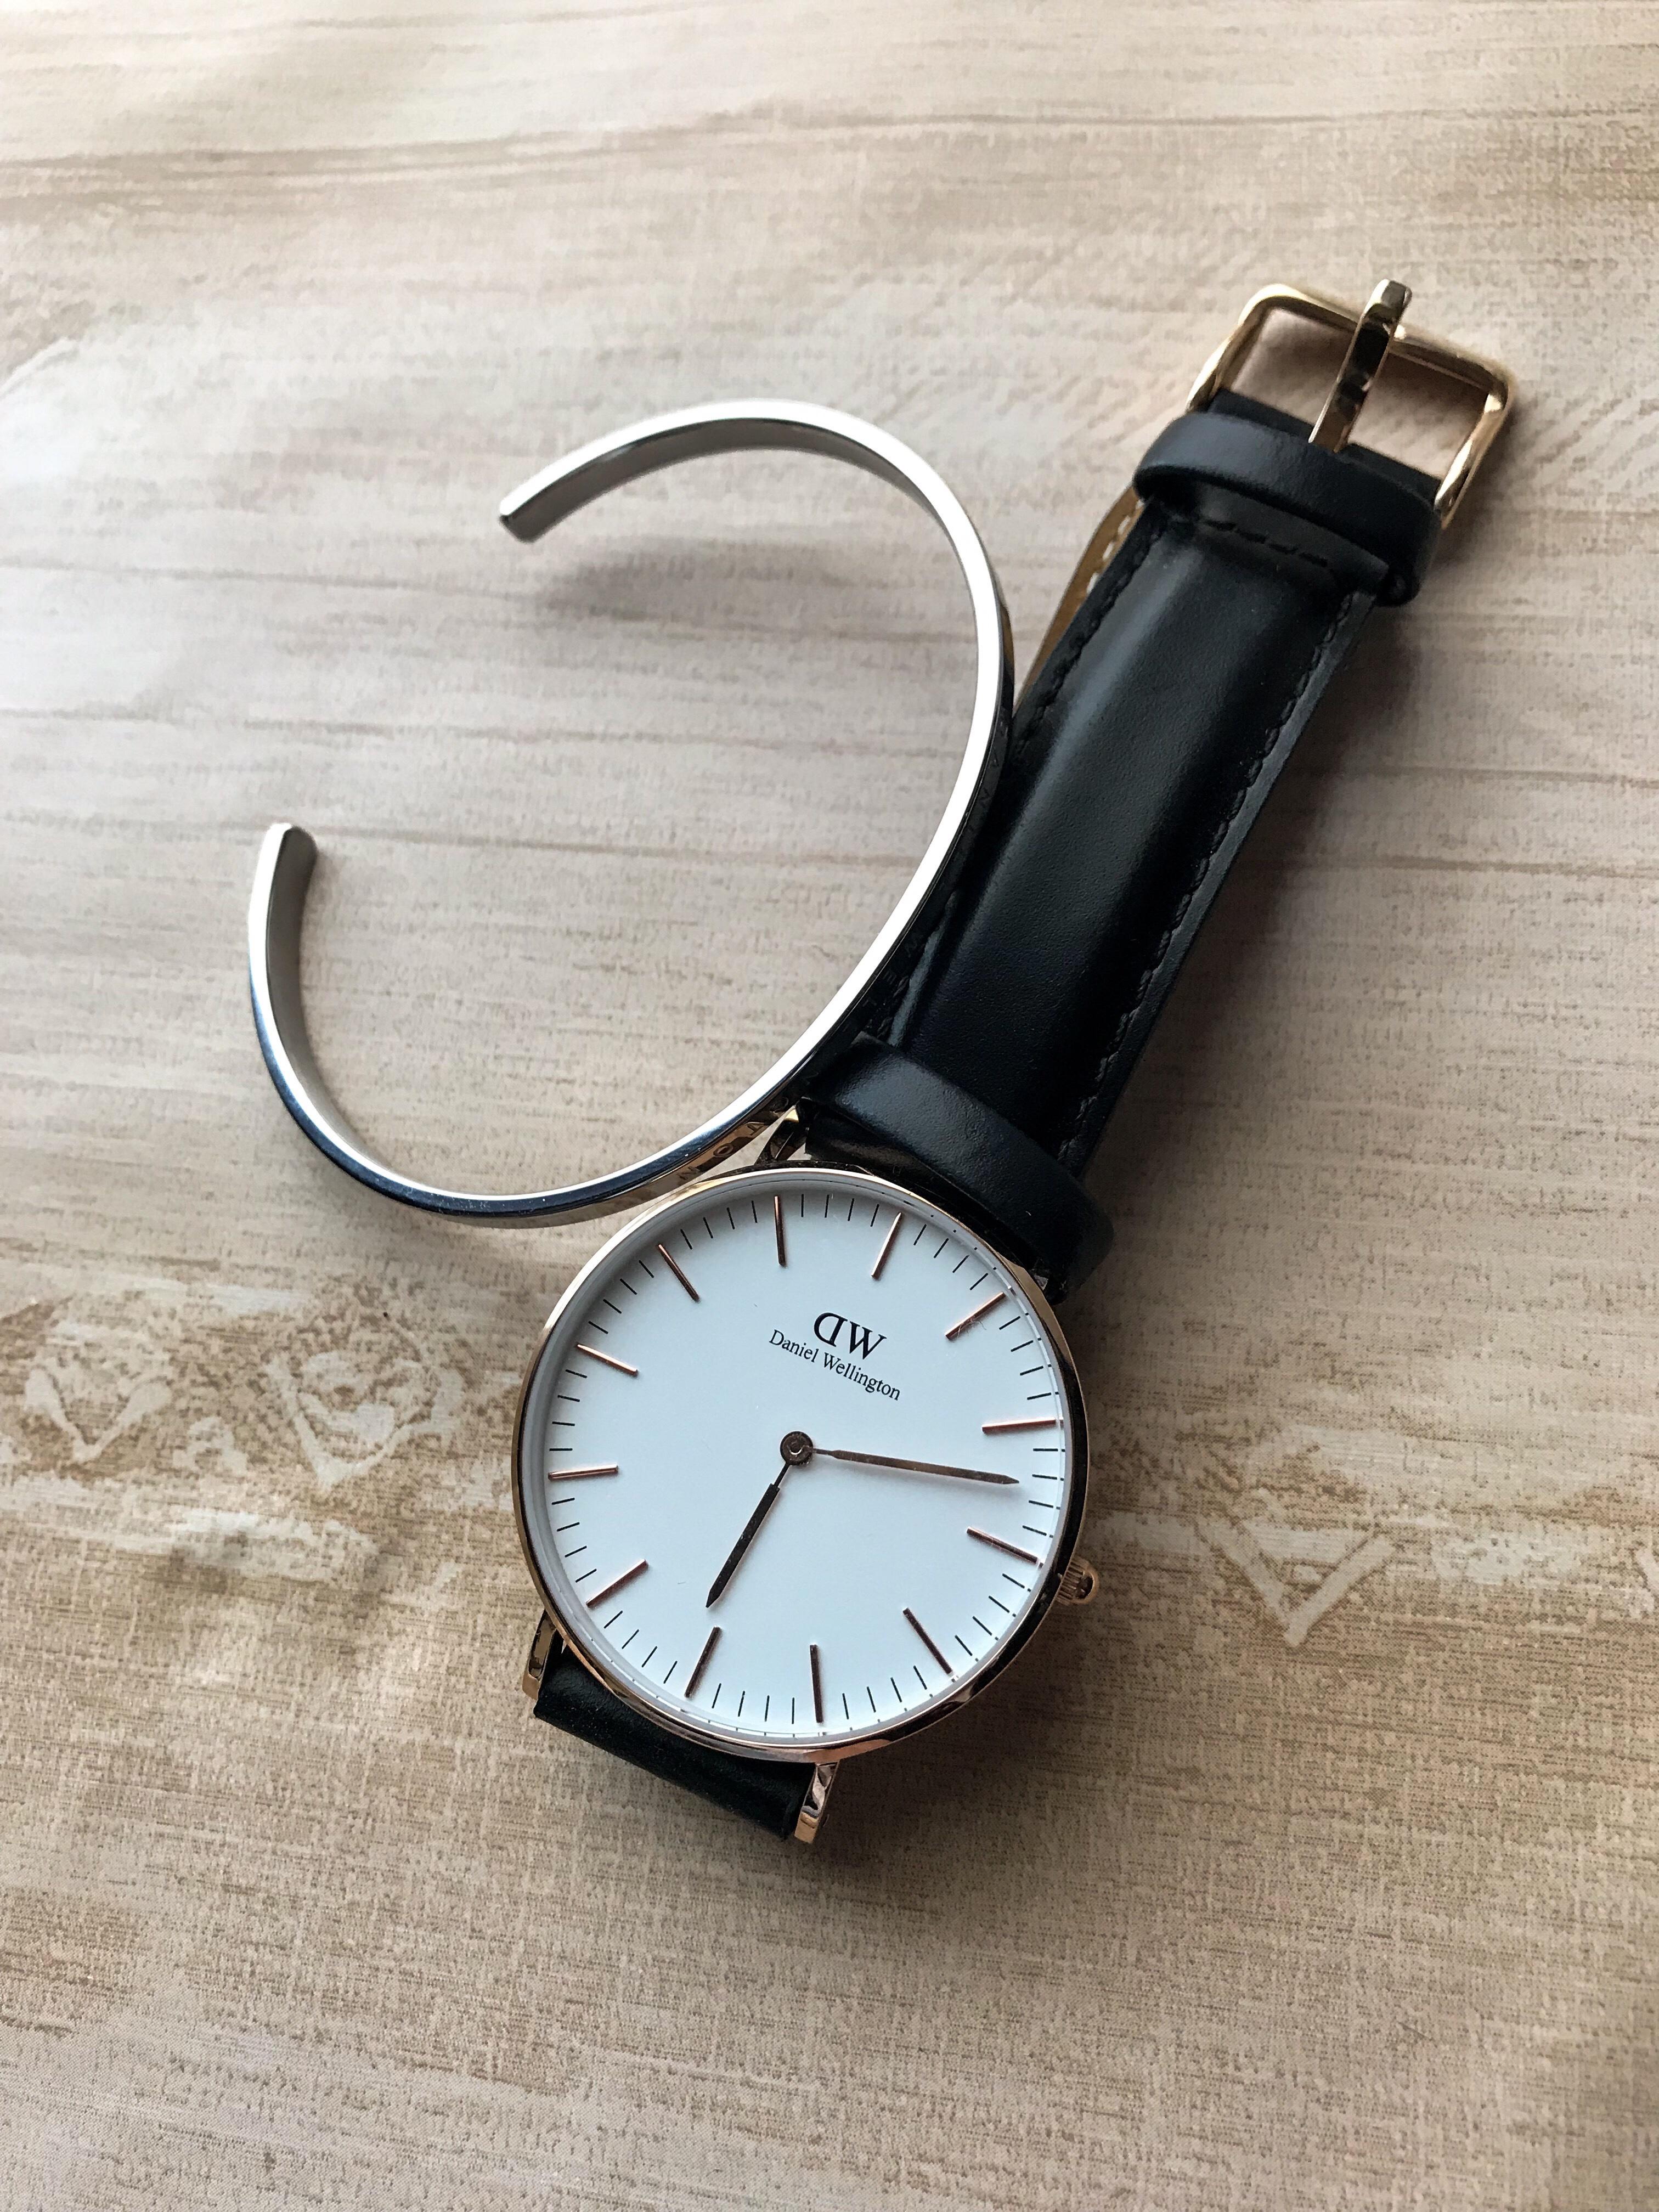 ダニエルウェリントン 時計 コーデ